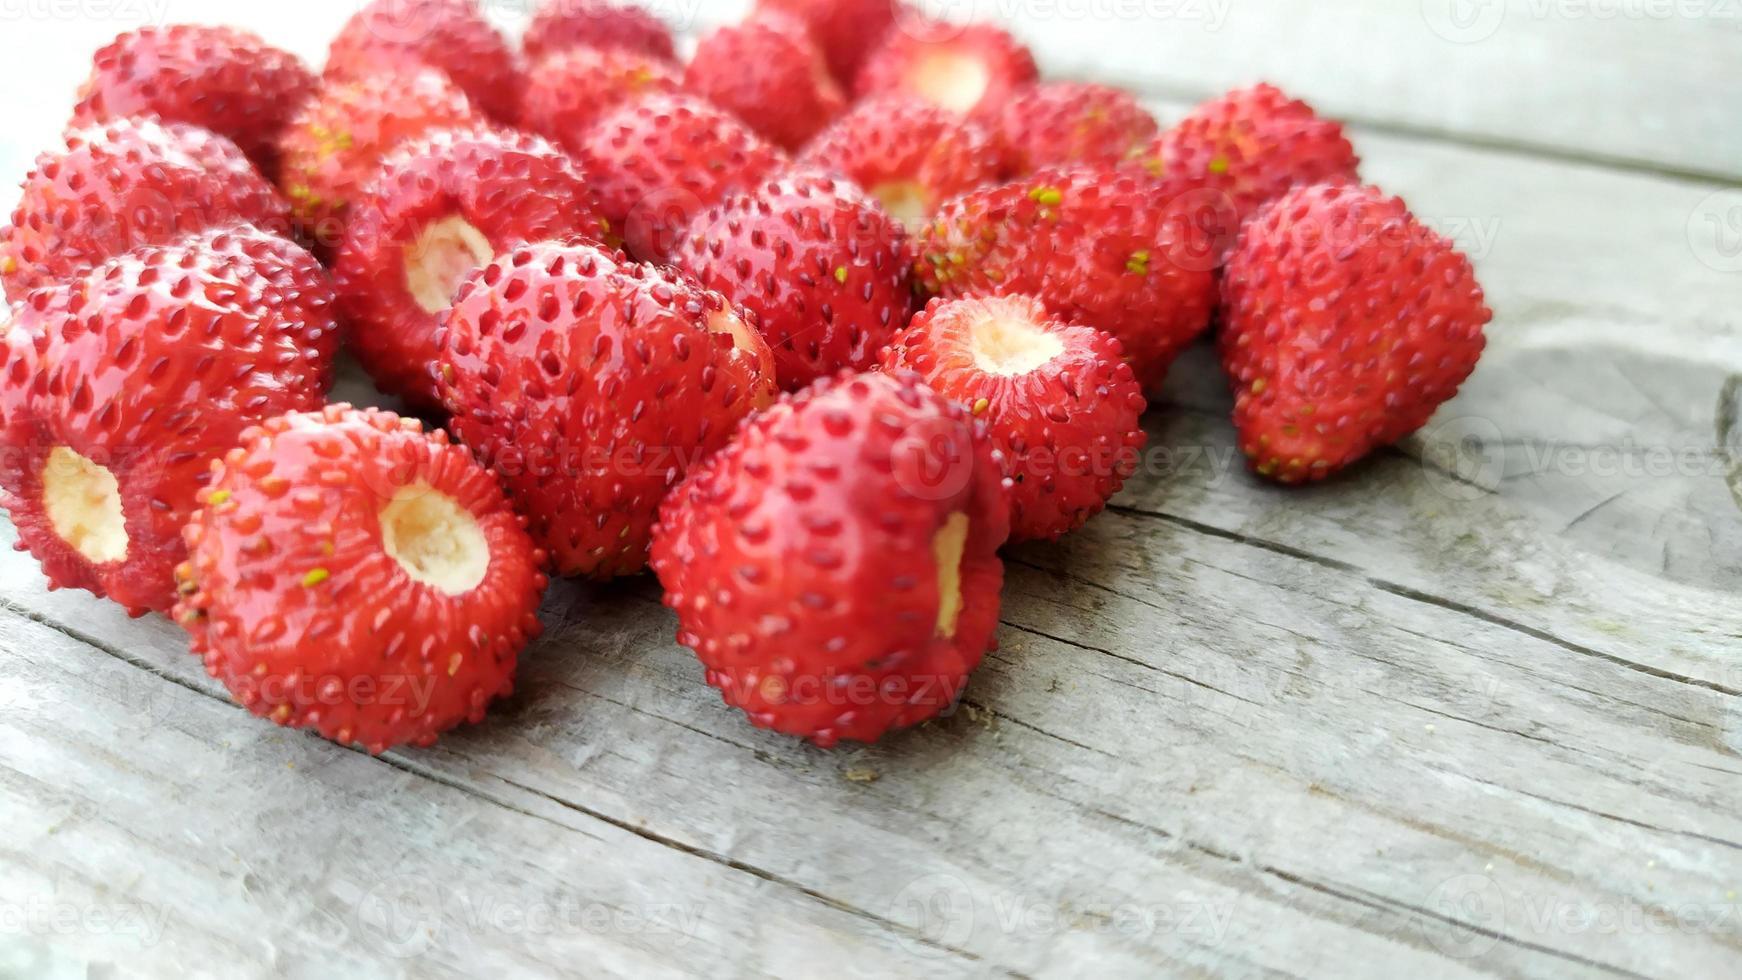 primer plano de fresas. Fondo de bayas de bayas maduras. foto